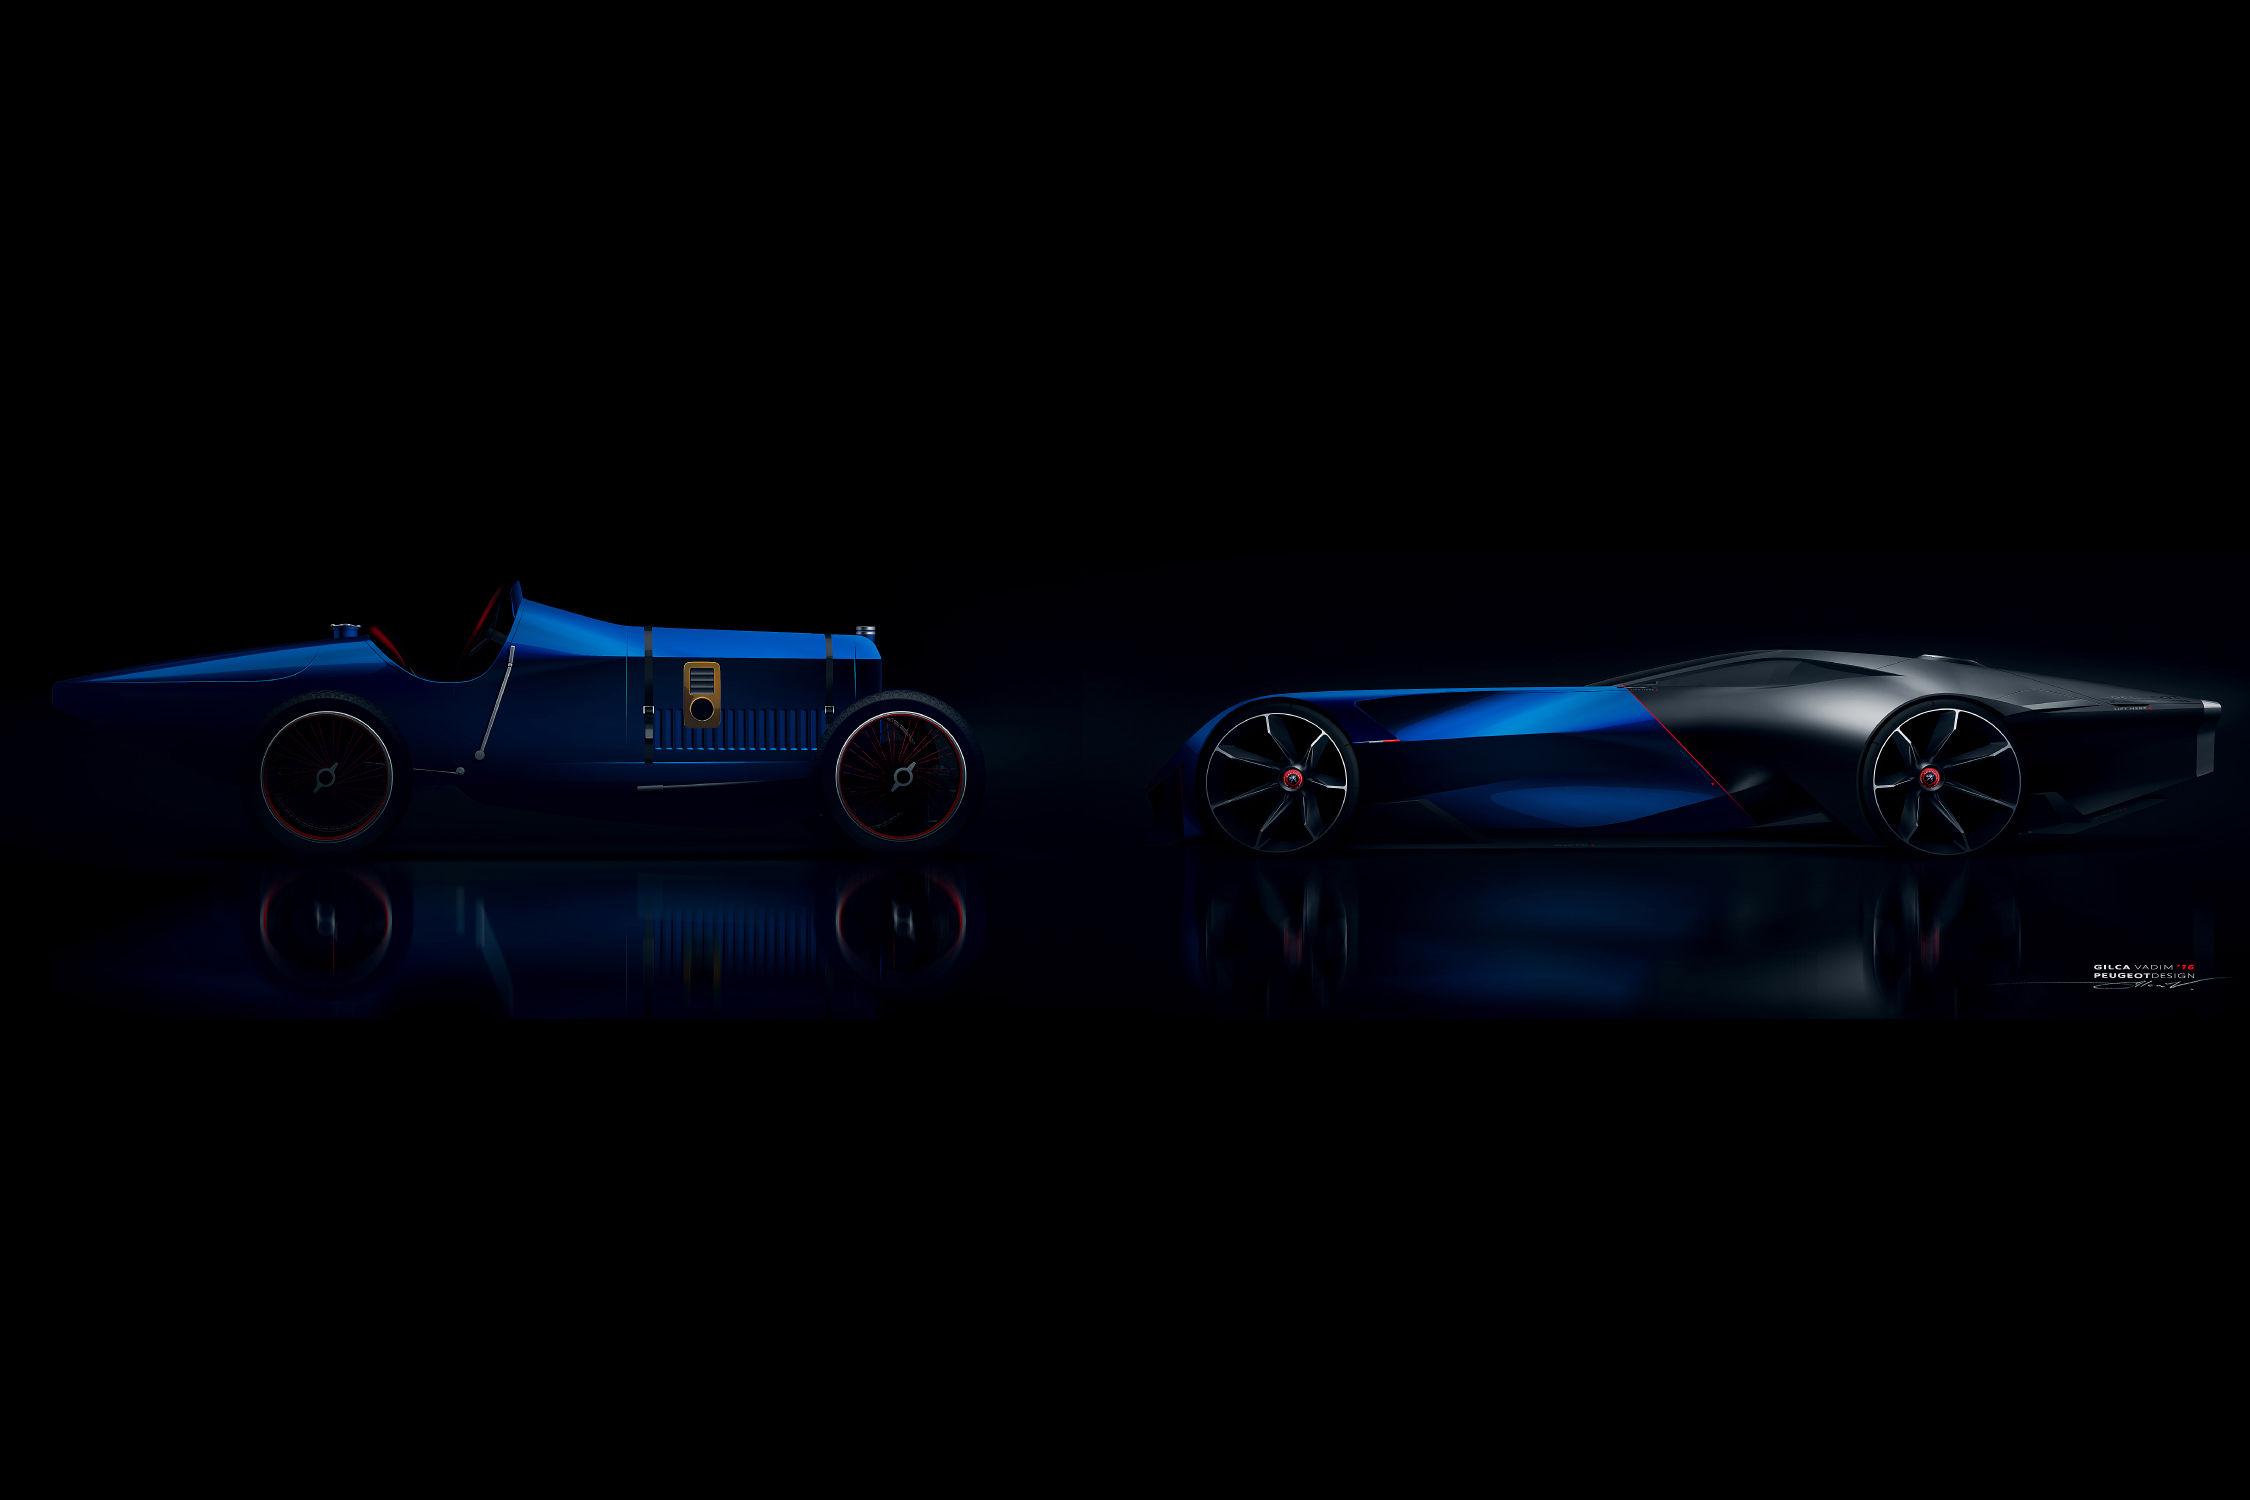 Peugeot L R Hybrid Racing Concept HiConsumption